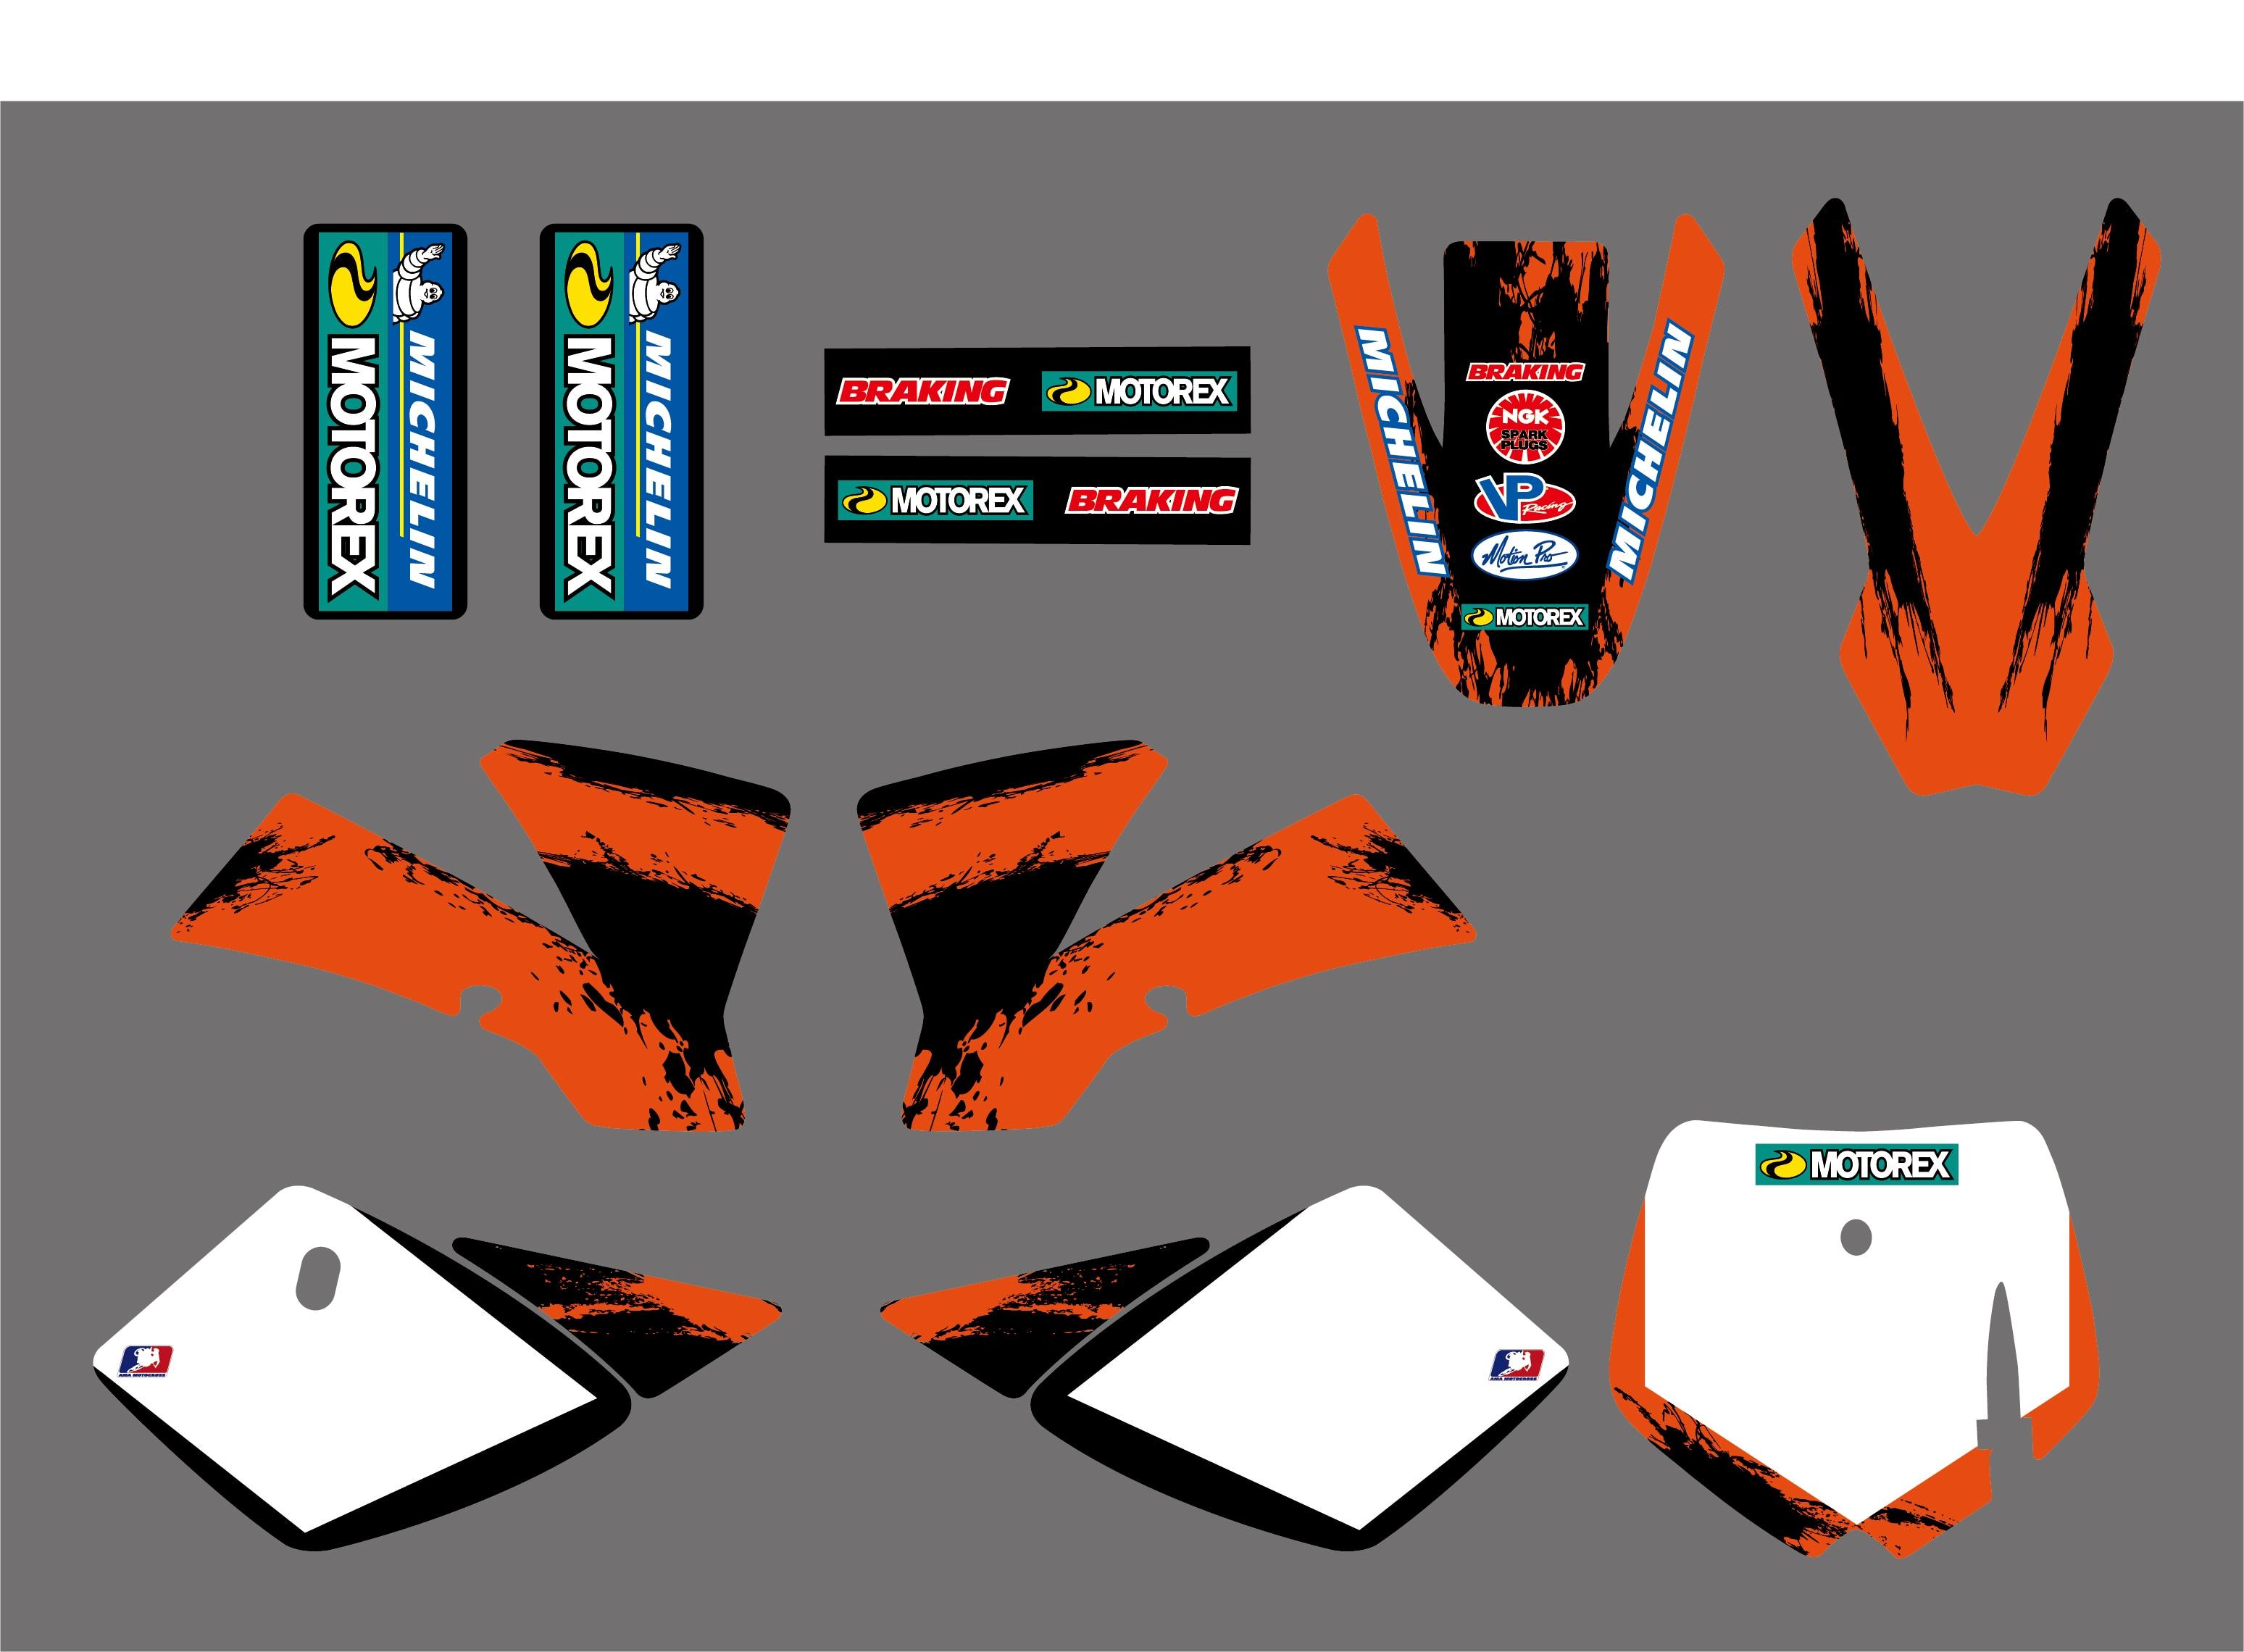 0251 новые стильные наклейки Team Fulle, графические наборы для KTM SX 50 SX50 2002 - 2008 2007 2006 2005 2004 2003